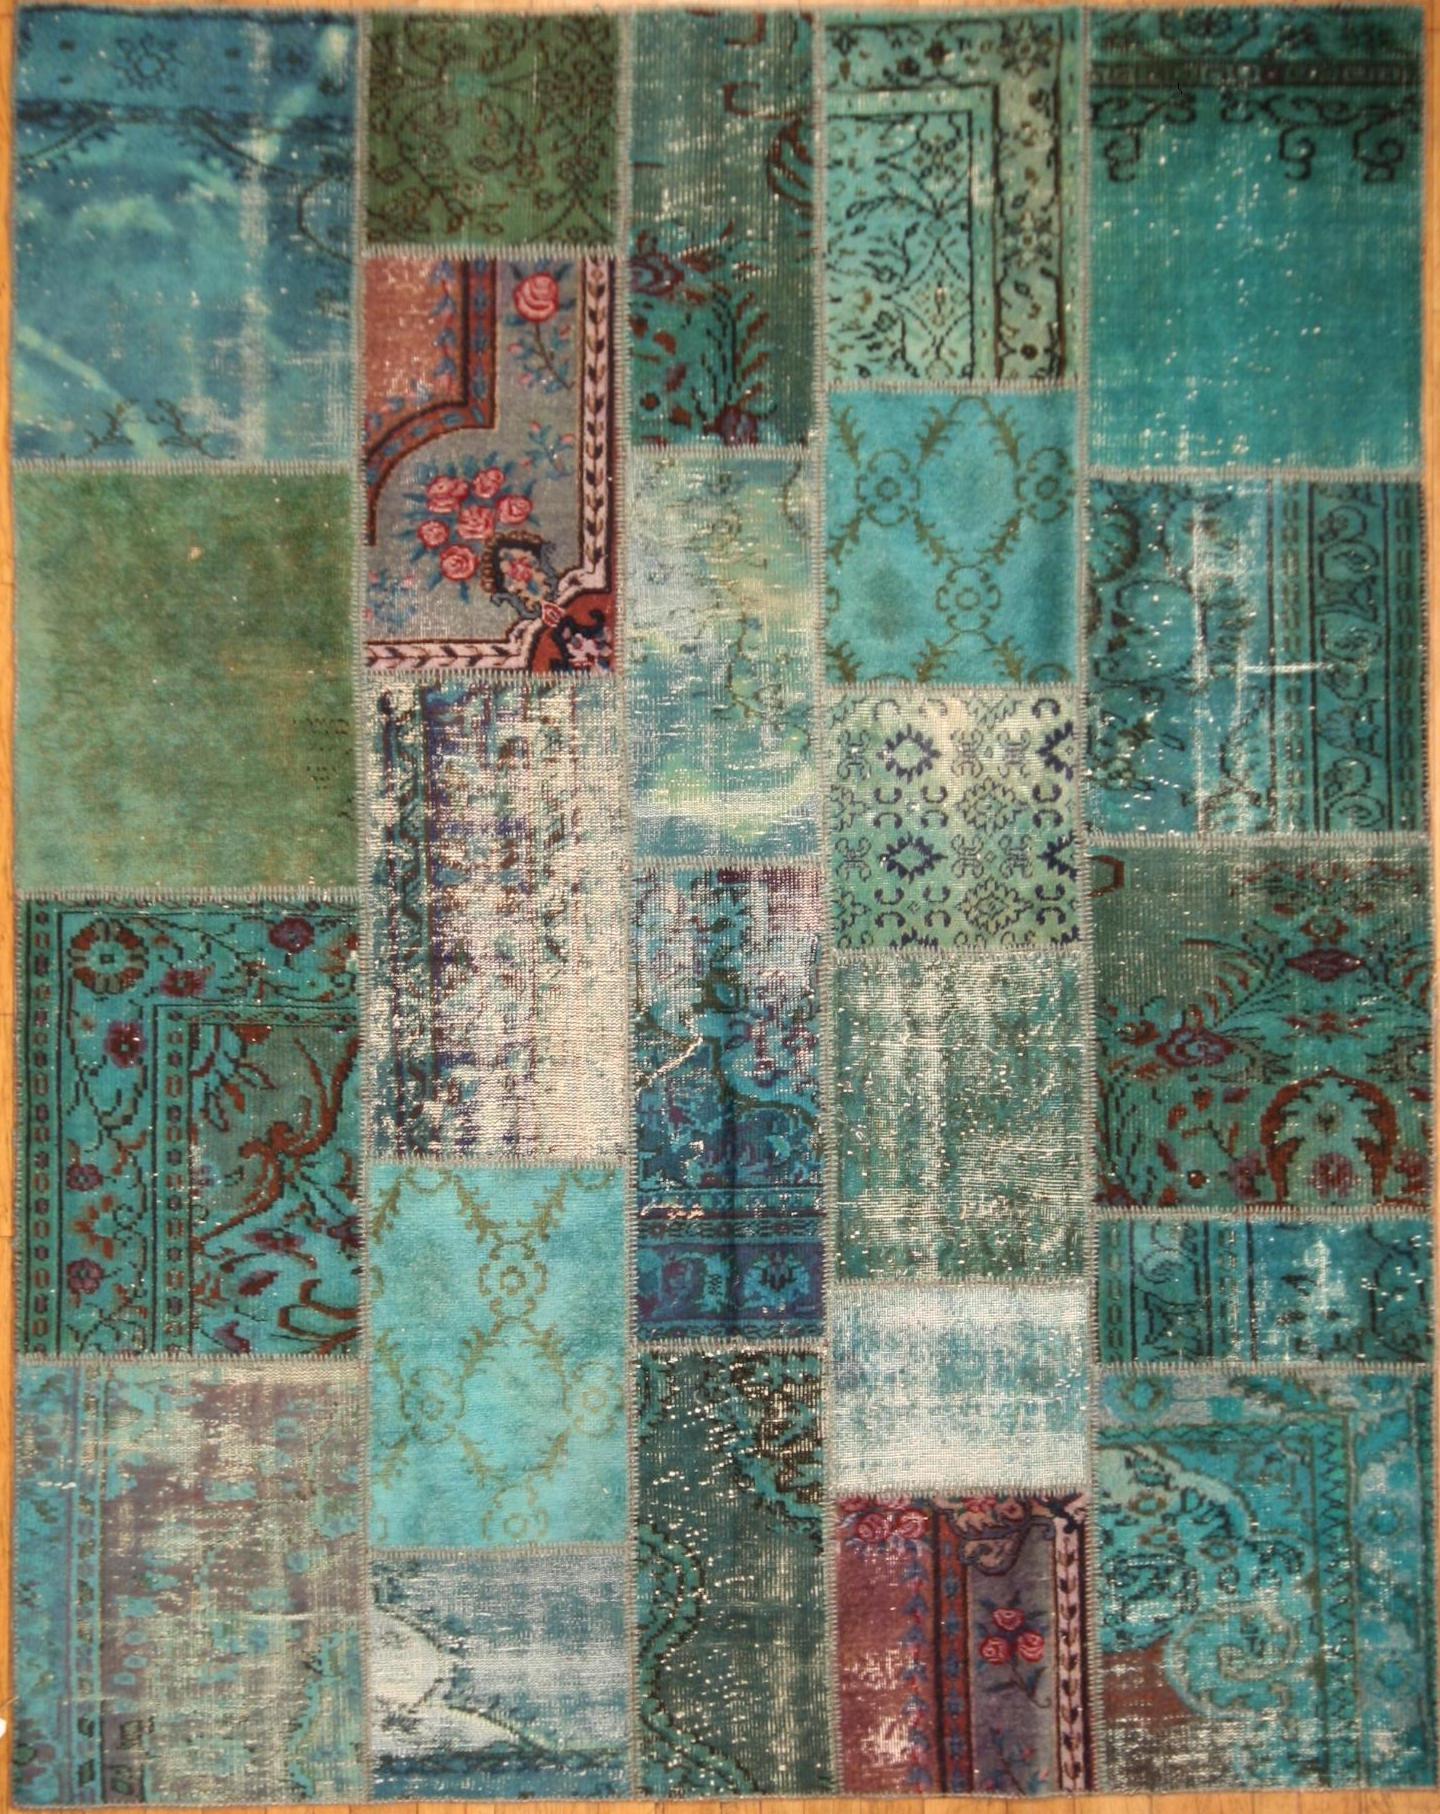 Patchwork tappeto preferito dagli espositori del salone - Tappeti quadrati moderni ...